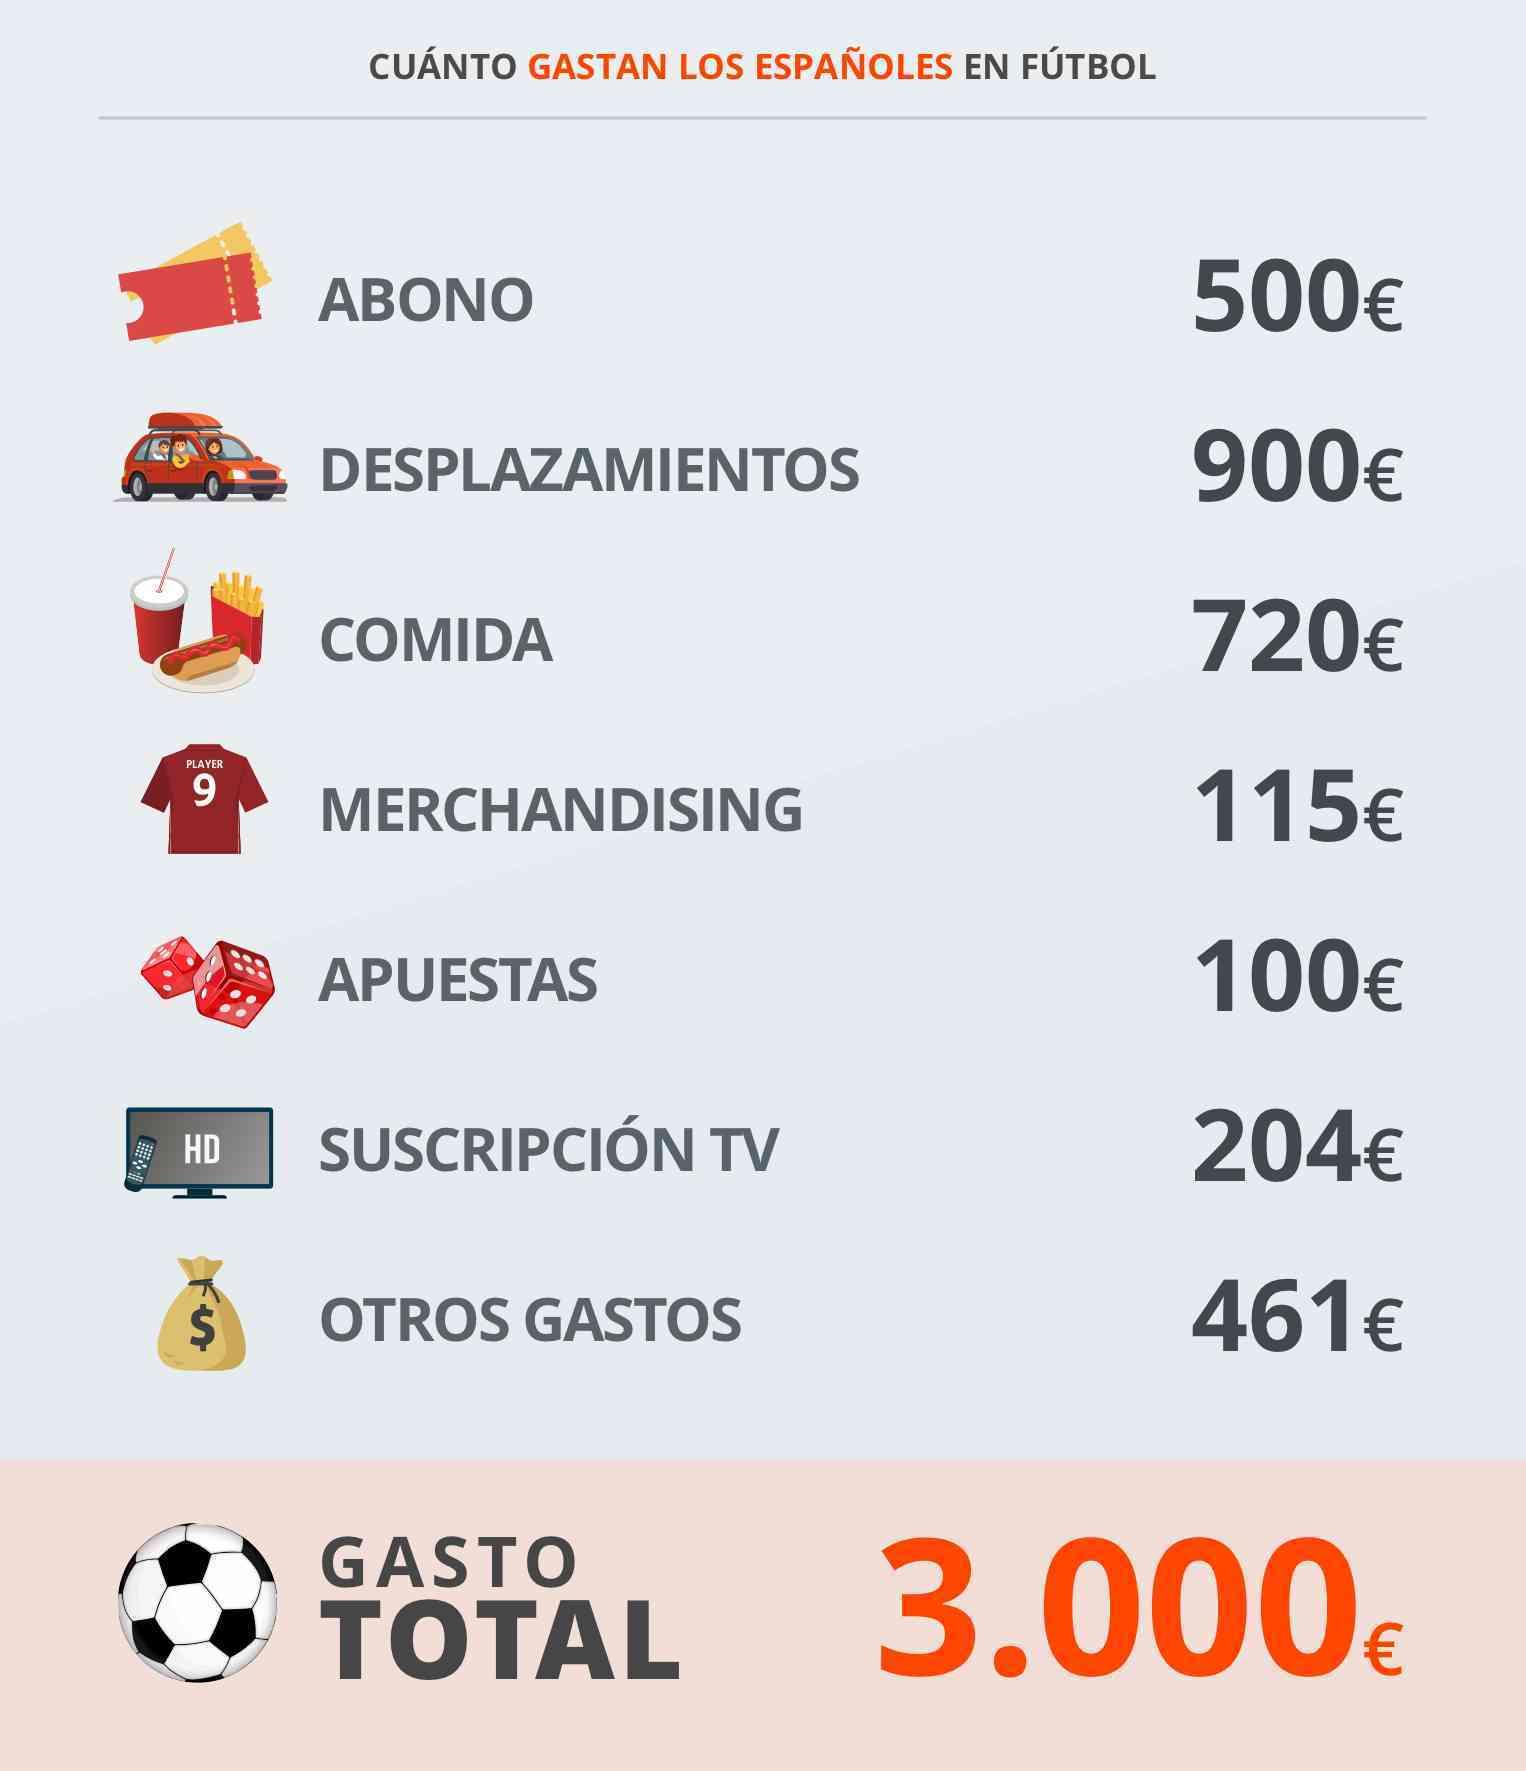 Casi 2.000 euros por ver el Mundial en casa 2